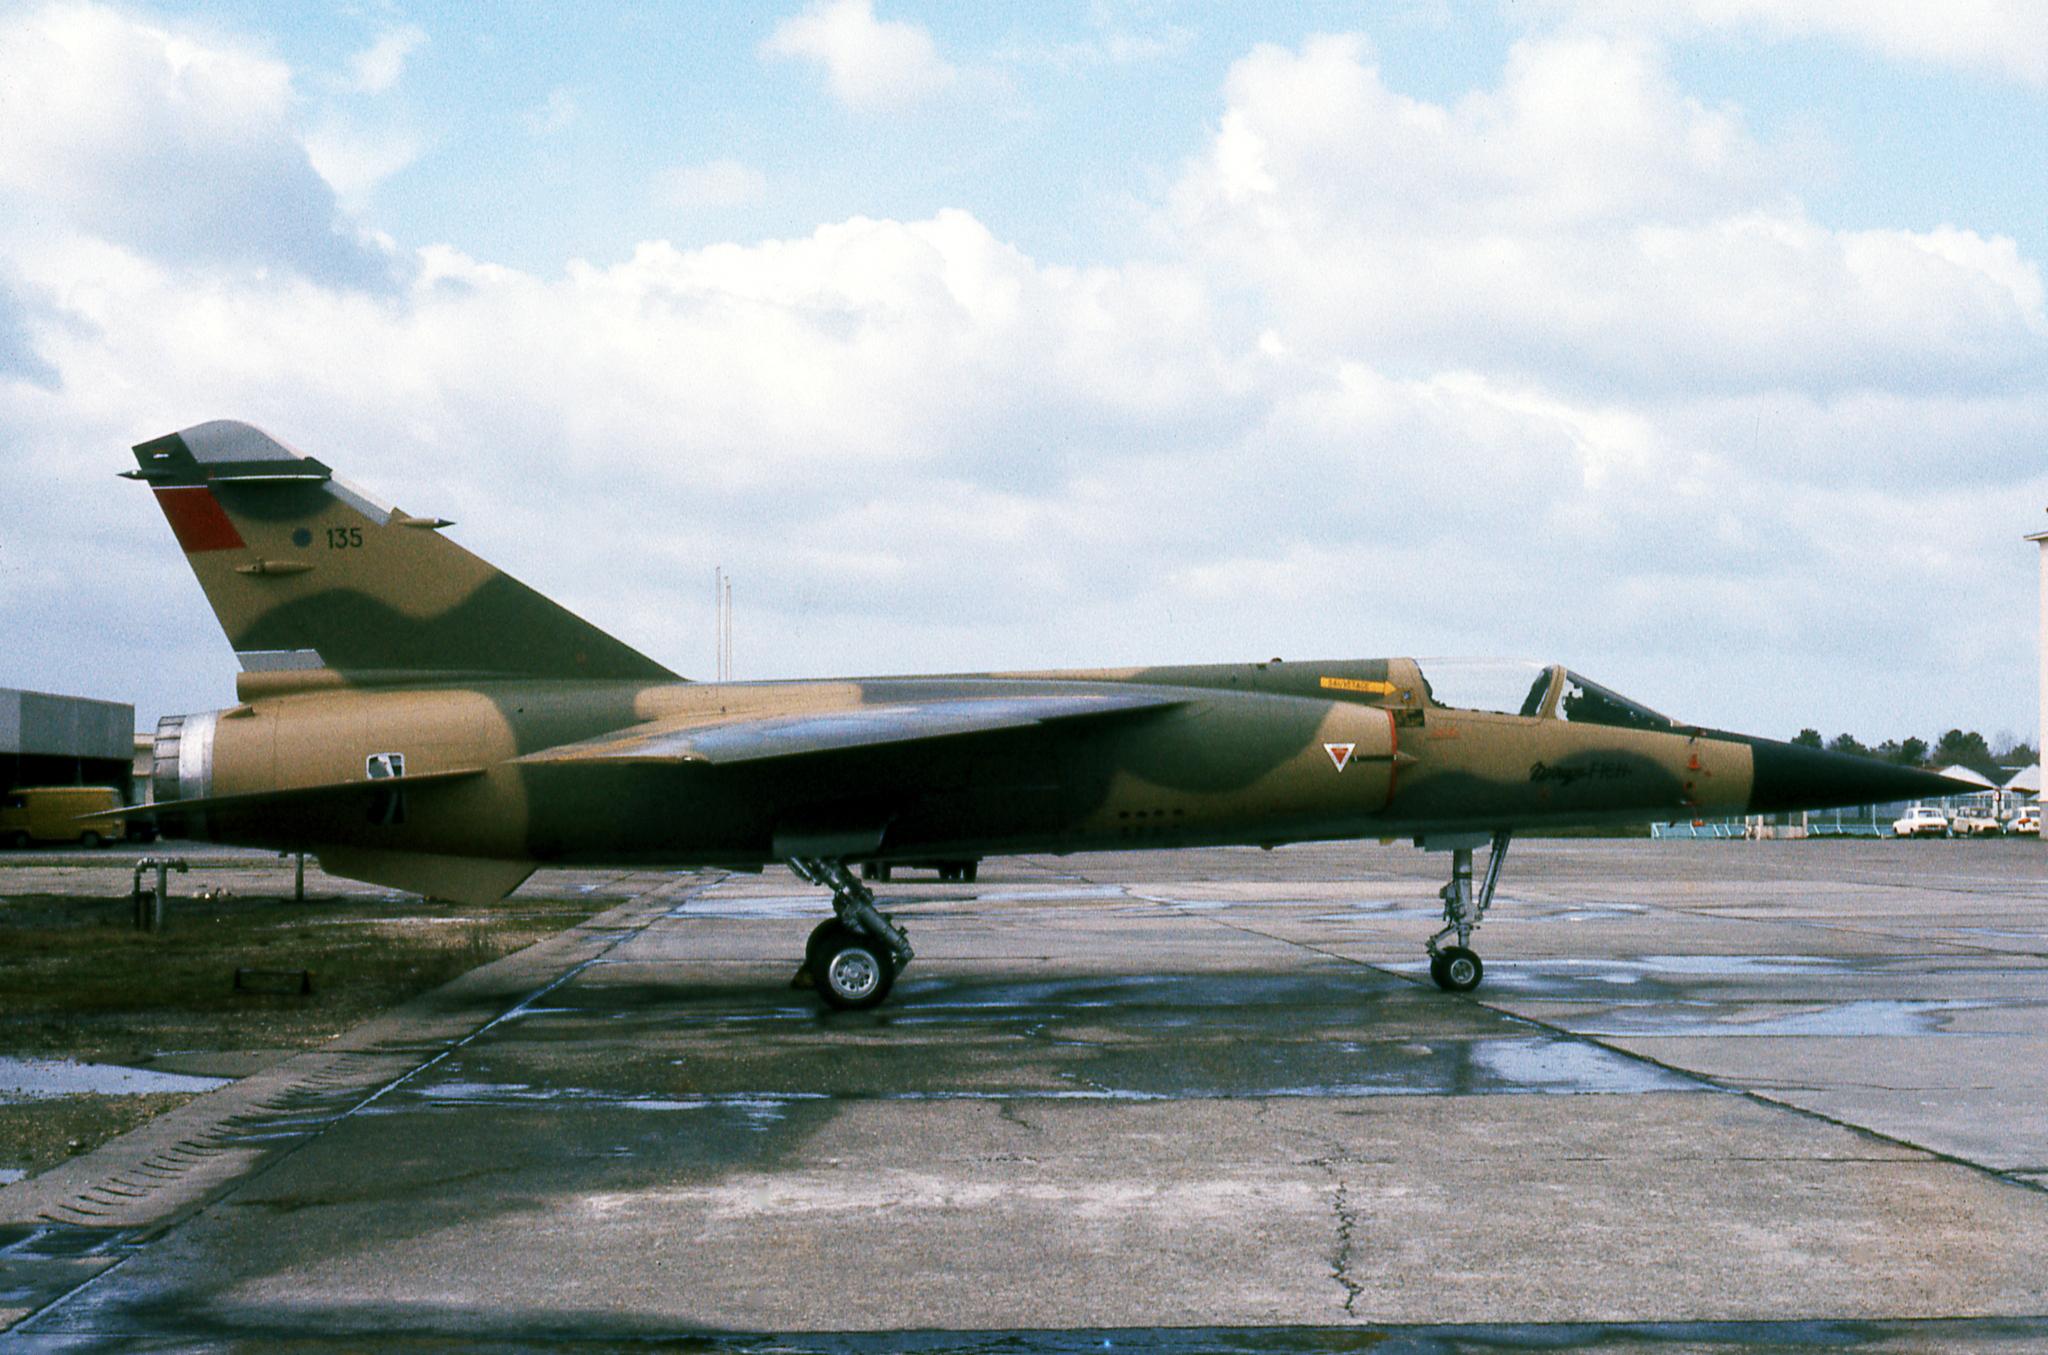 FRA: Photos Mirage F1 - Page 15 45204194895_85727e76e8_o